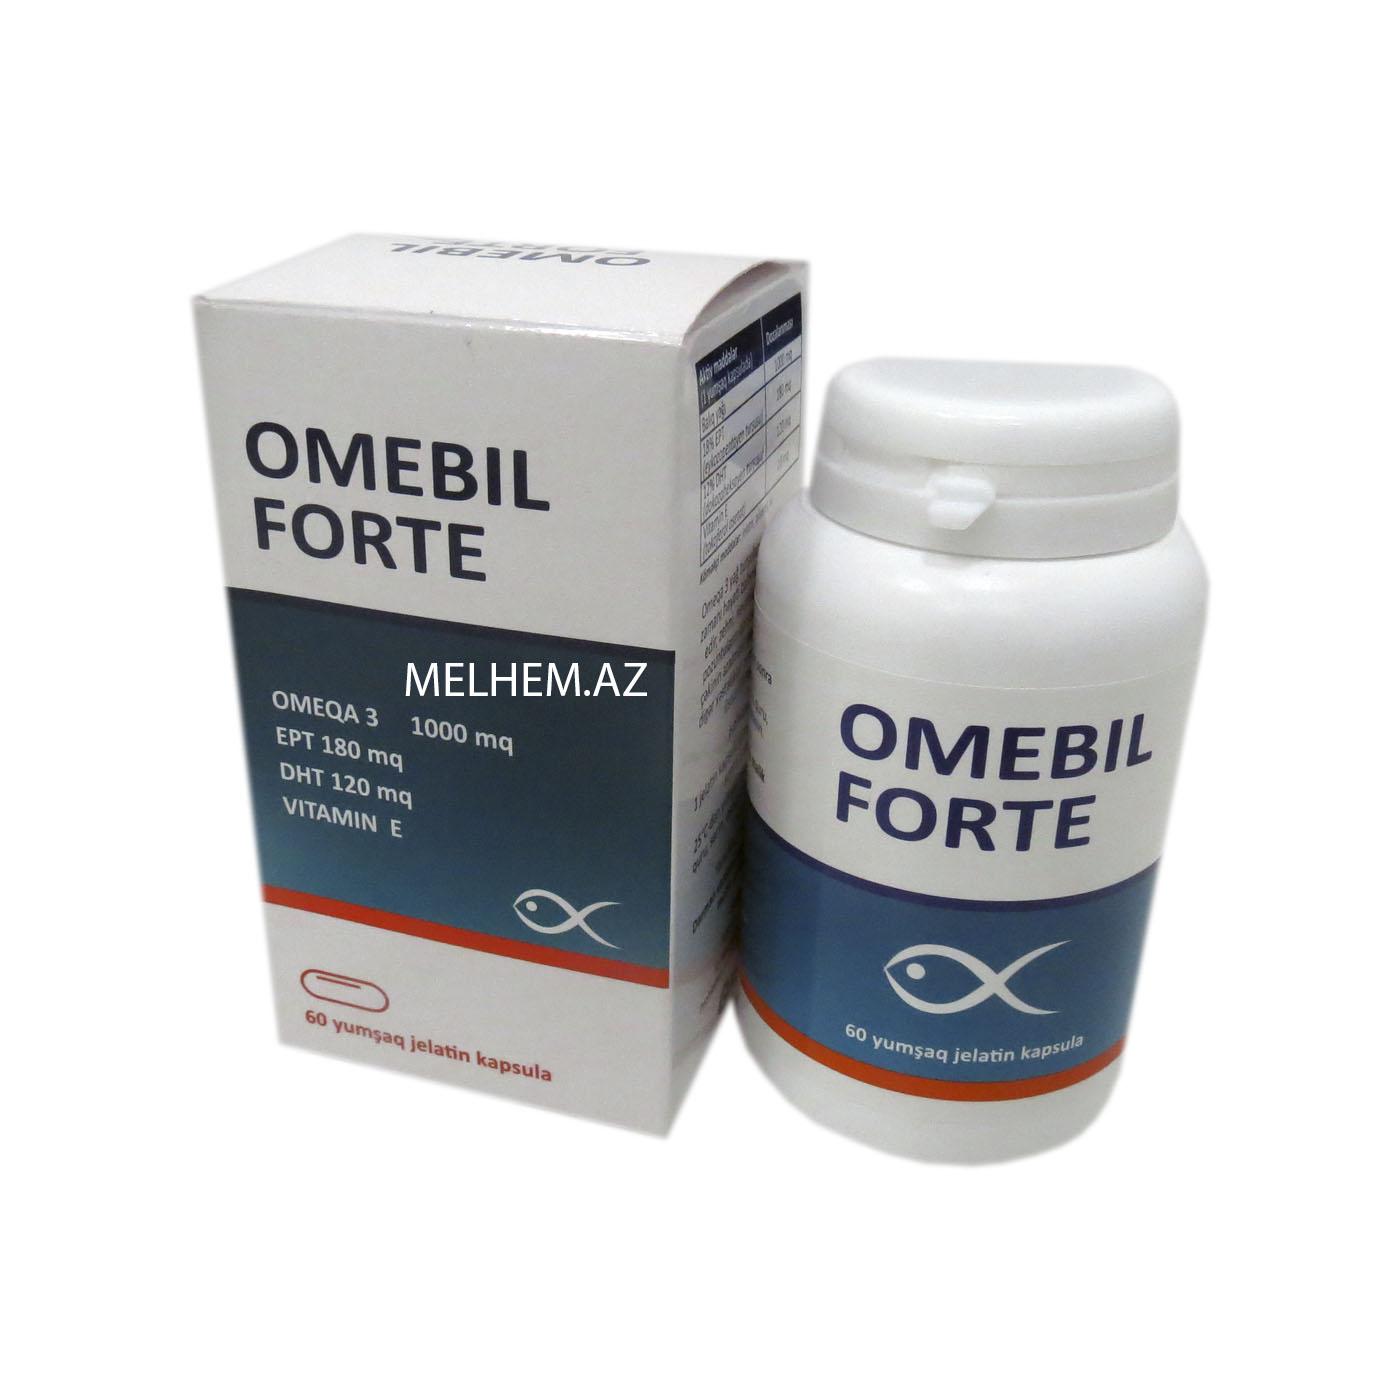 OMEBIL FORTE